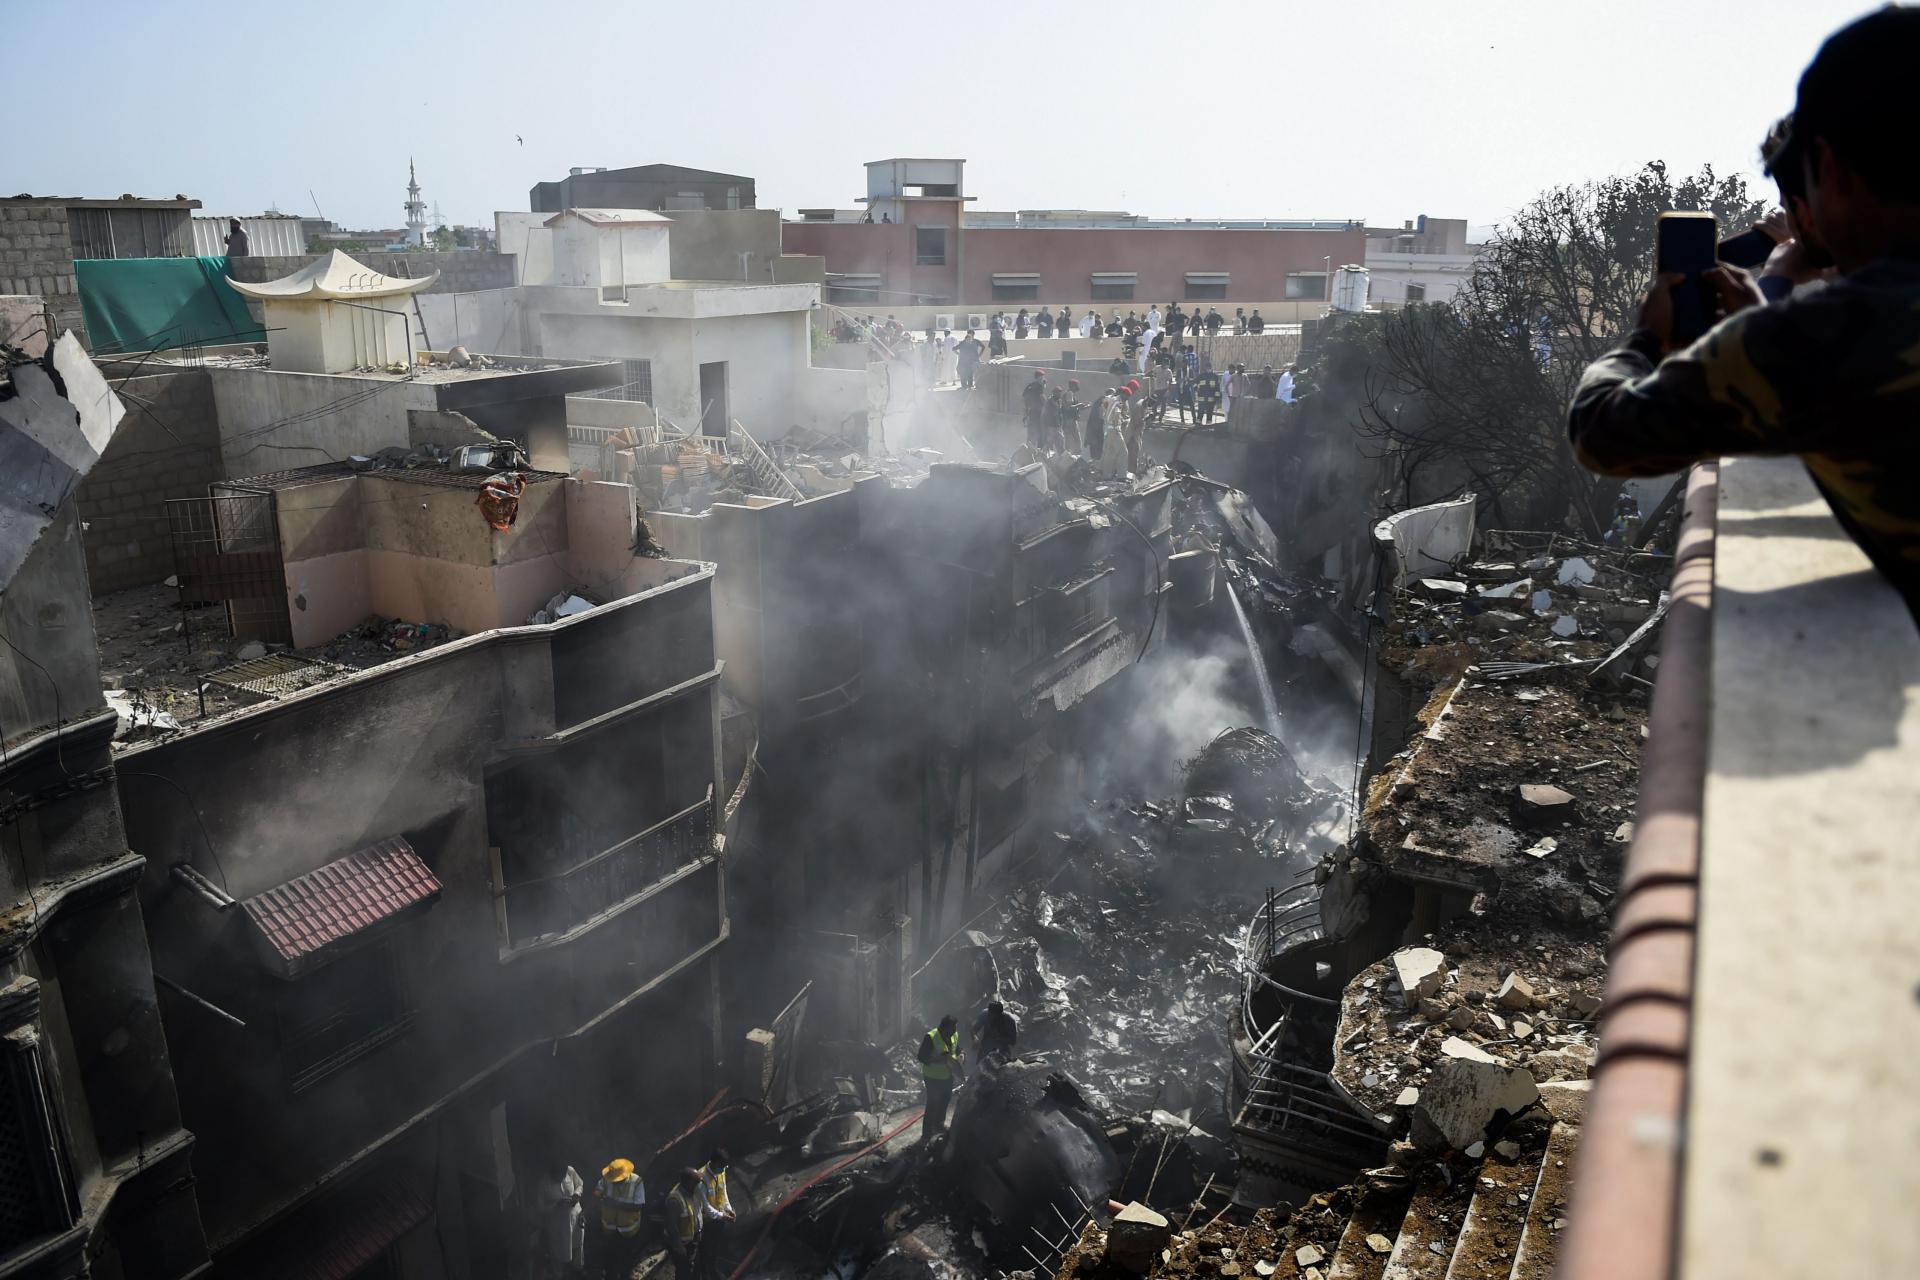 Samo dvoje preživjelih, 97 poginulih u zrakoplovnoj nesreći u Pakistanu. Zrakoplov nije uspio spustiti kotače prilikom slijetanja?